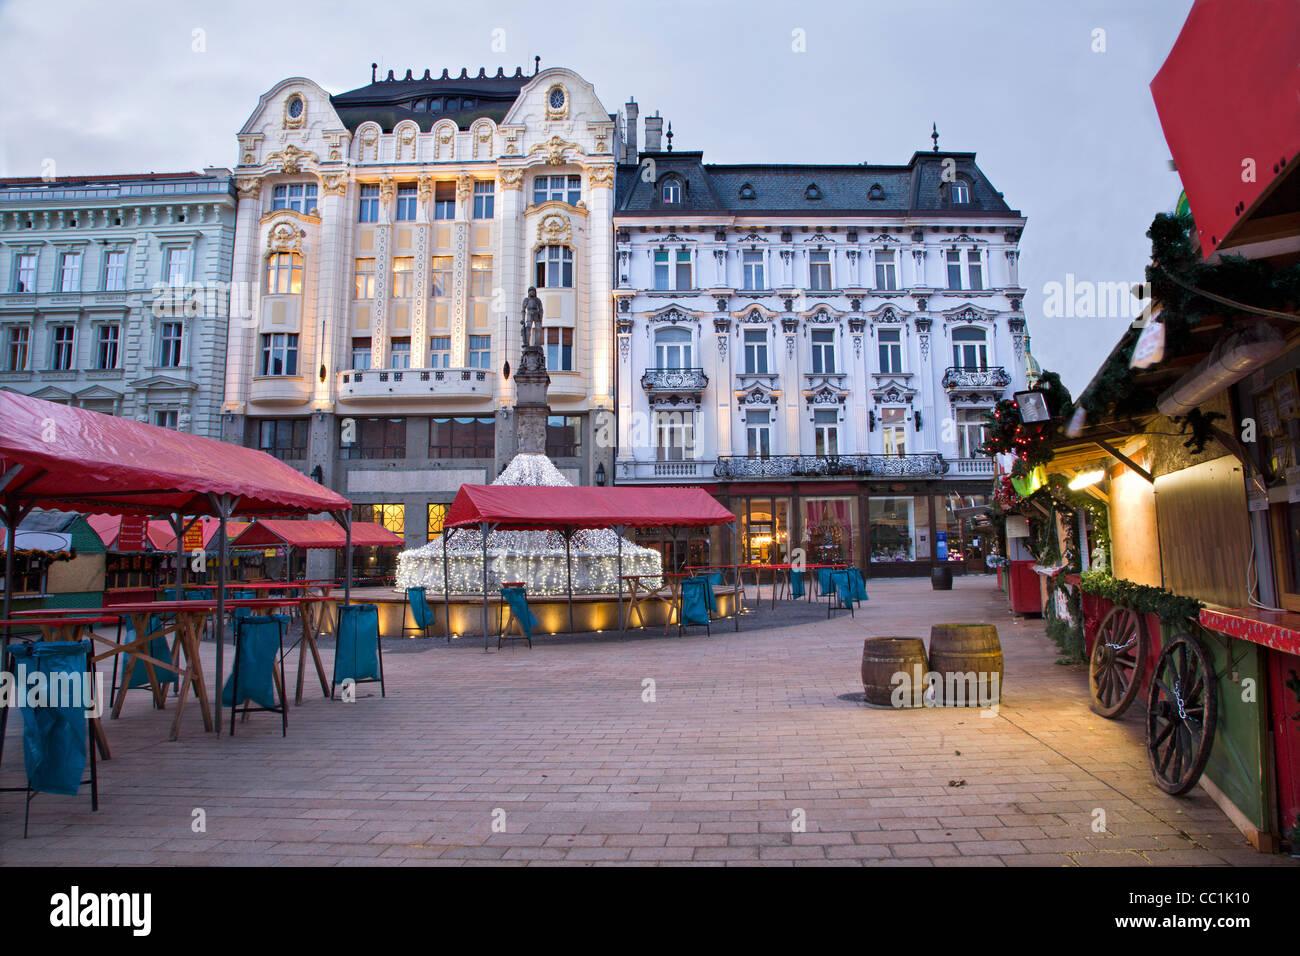 Weihnachtsmarkt Morgen.Bratislava Weihnachtsmarkt In Morgen Stockfoto Bild 41833484 Alamy